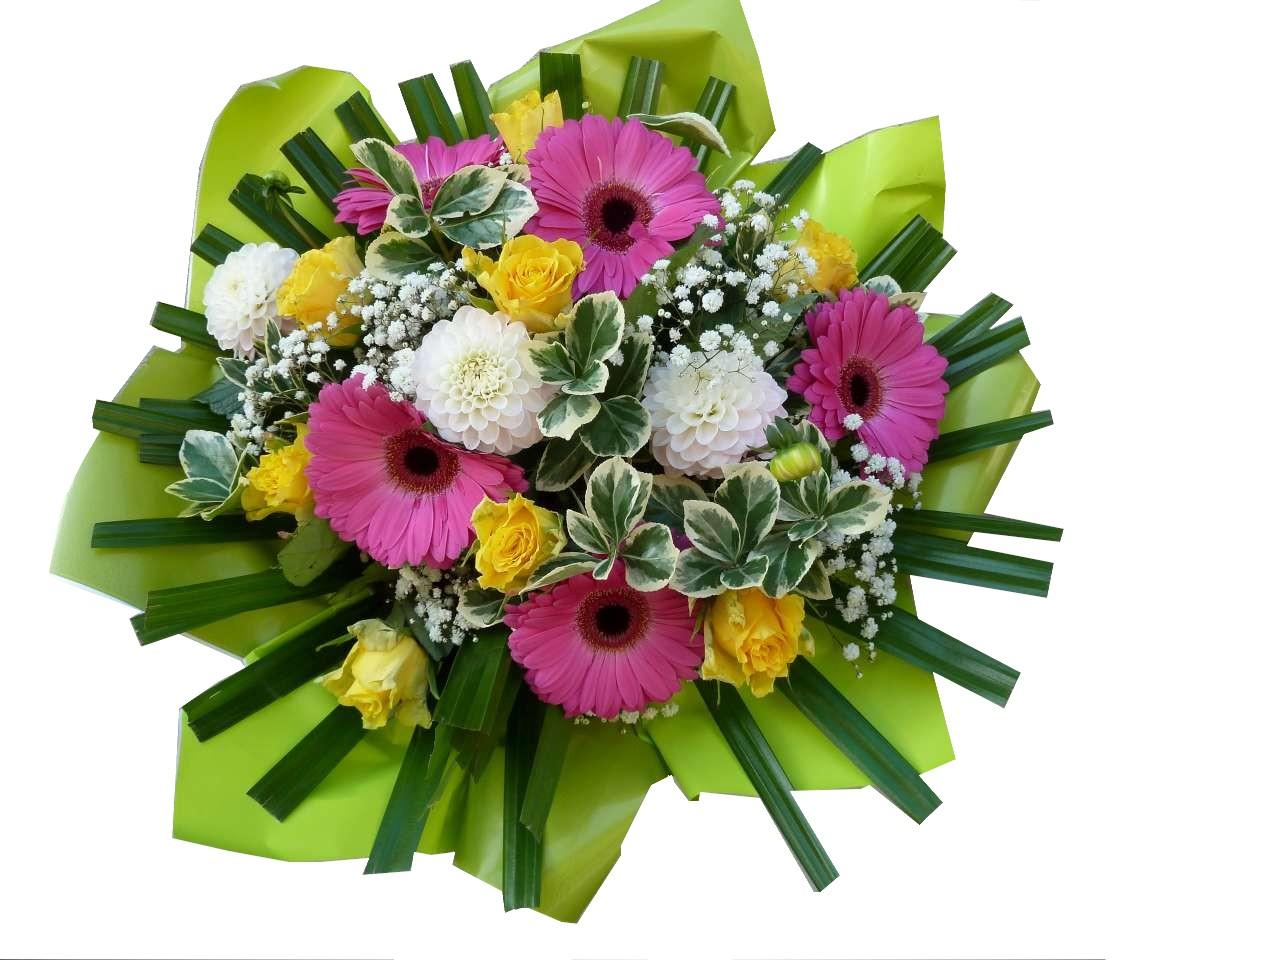 Livraison de fleurs dimanche l 39 atelier des fleurs for Livraison de fleurs